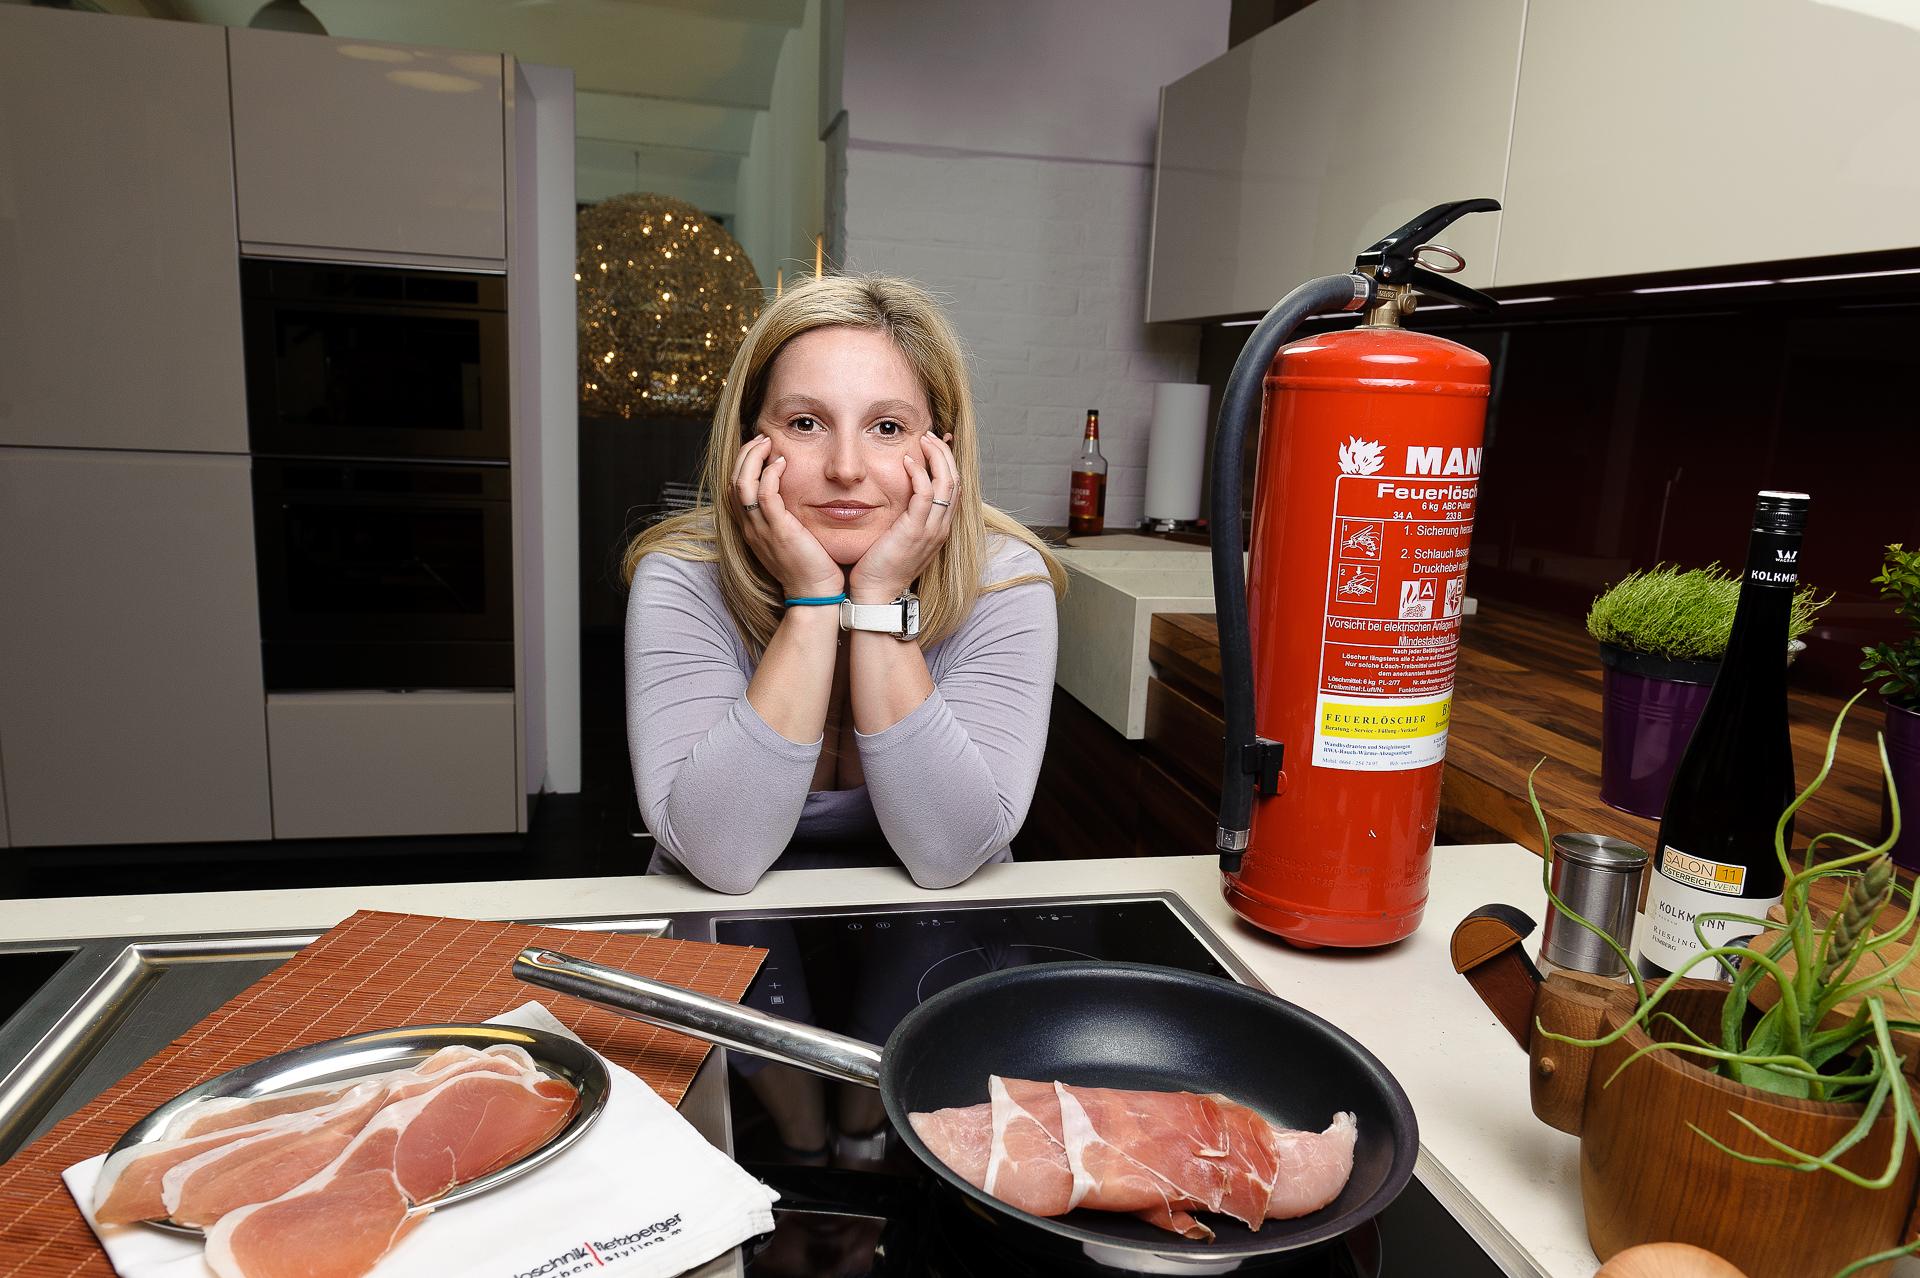 Kunden Kochbuch02 Advertising Werbung by JHofer-Foto Juergen Hofer